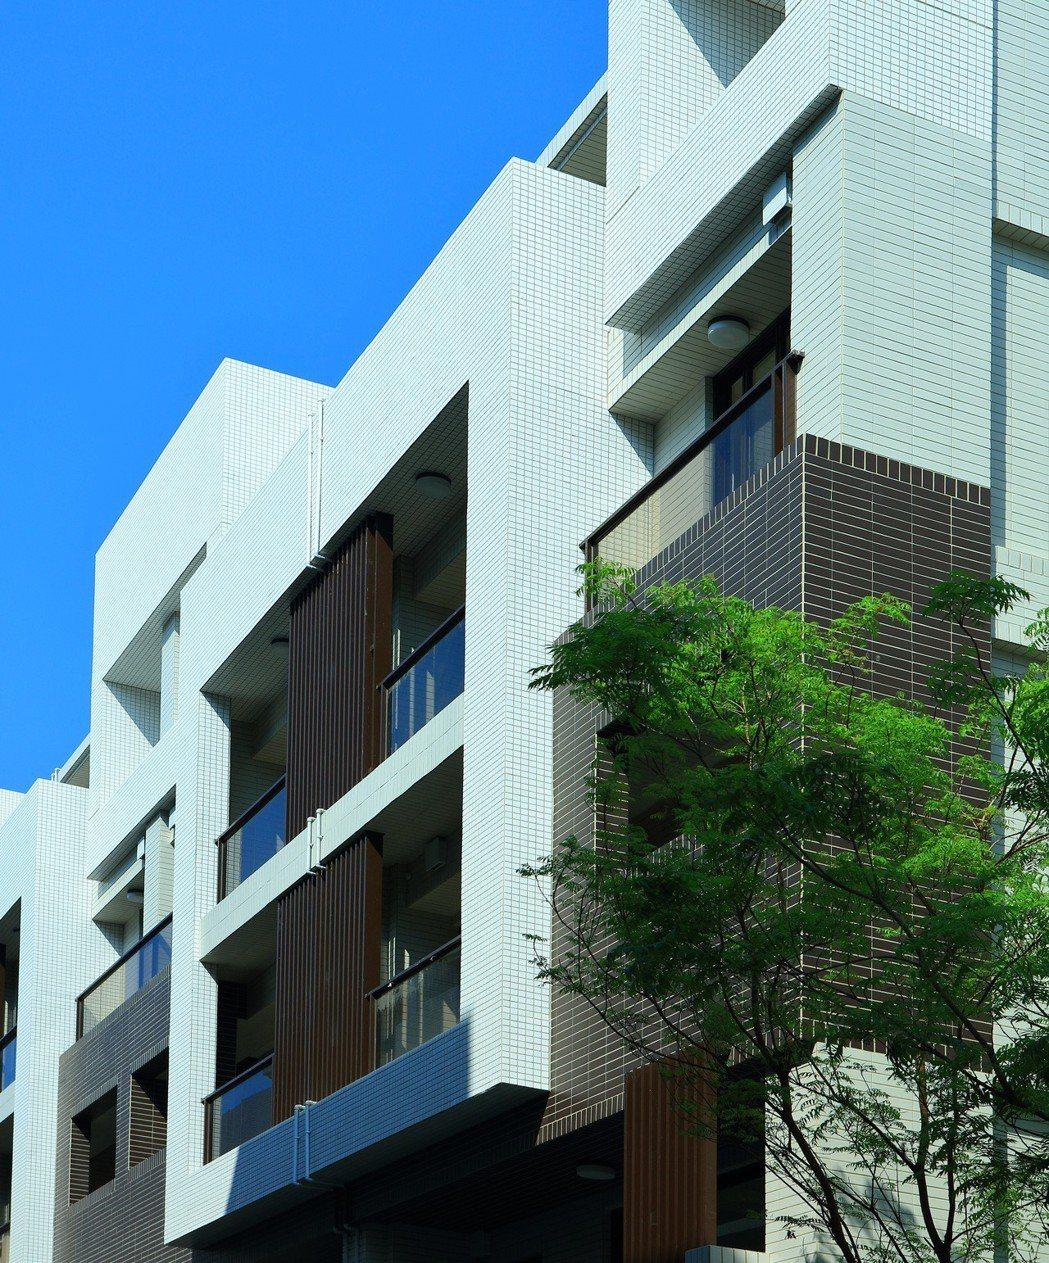 居富開發用精準的建築設計力,打造青年別墅合身款! 圖片提供/居富開發